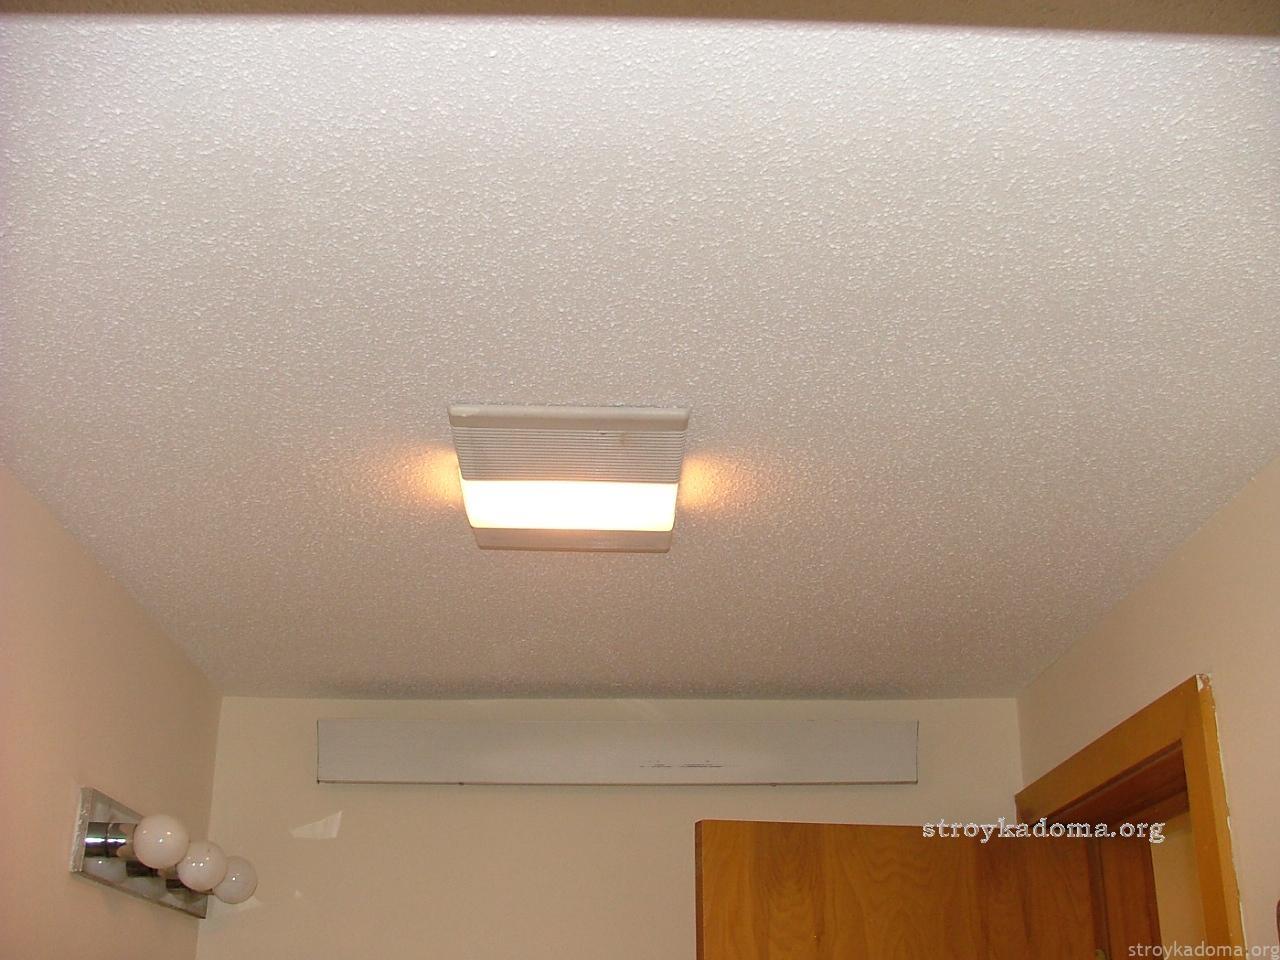 Ремонт своими руками потолок видео фото 736